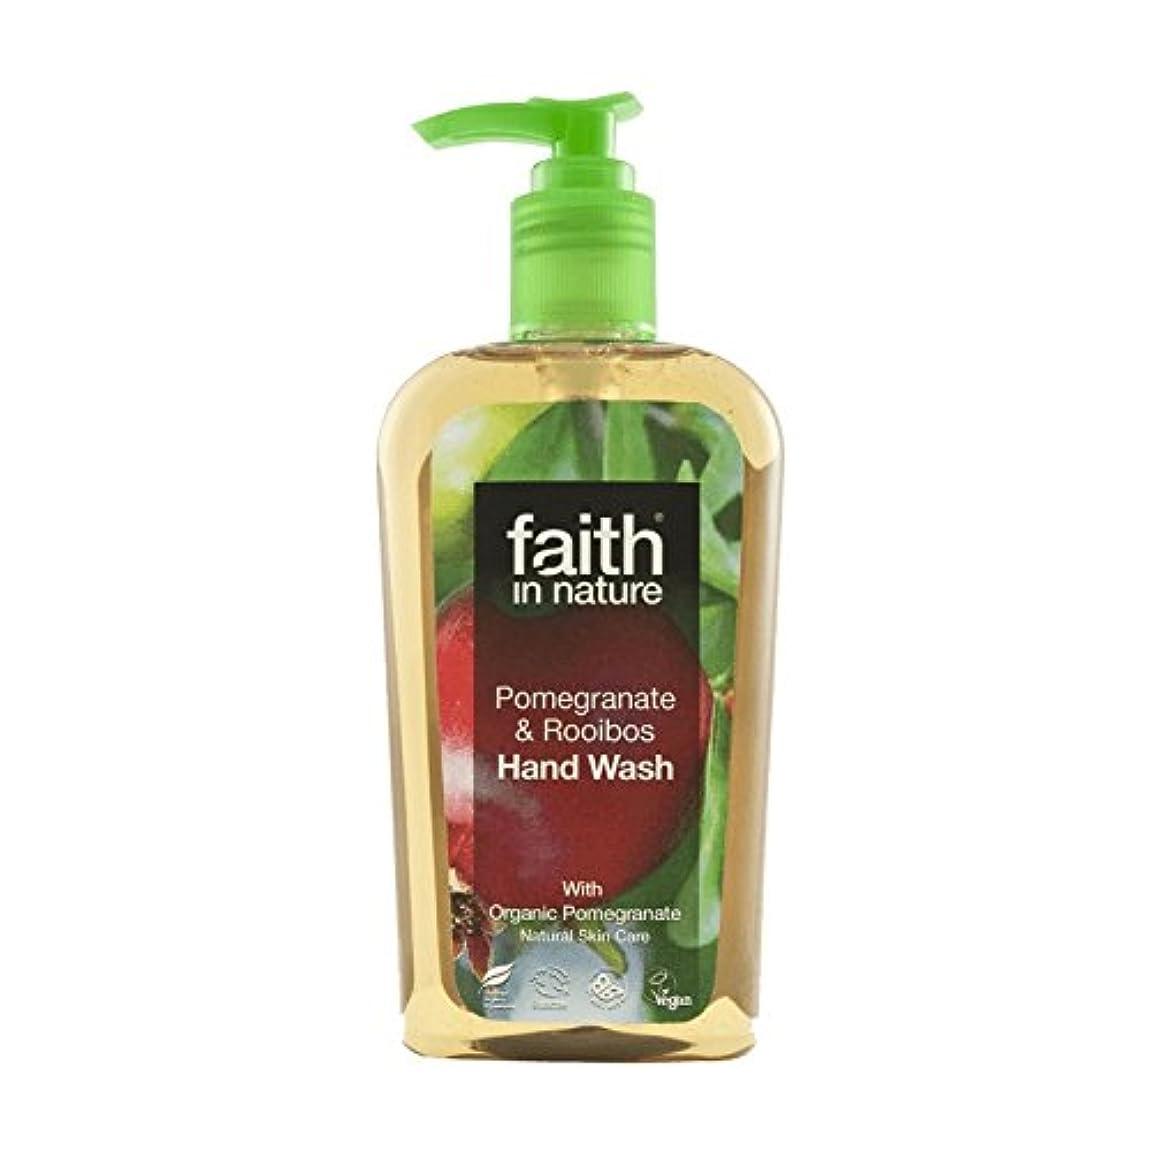 根絶する感覚ポイントFaith In Nature Pomegranate & Rooibos Handwash 300ml (Pack of 2) - 自然ザクロ&ルイボス手洗いの300ミリリットルの信仰 (x2) [並行輸入品]